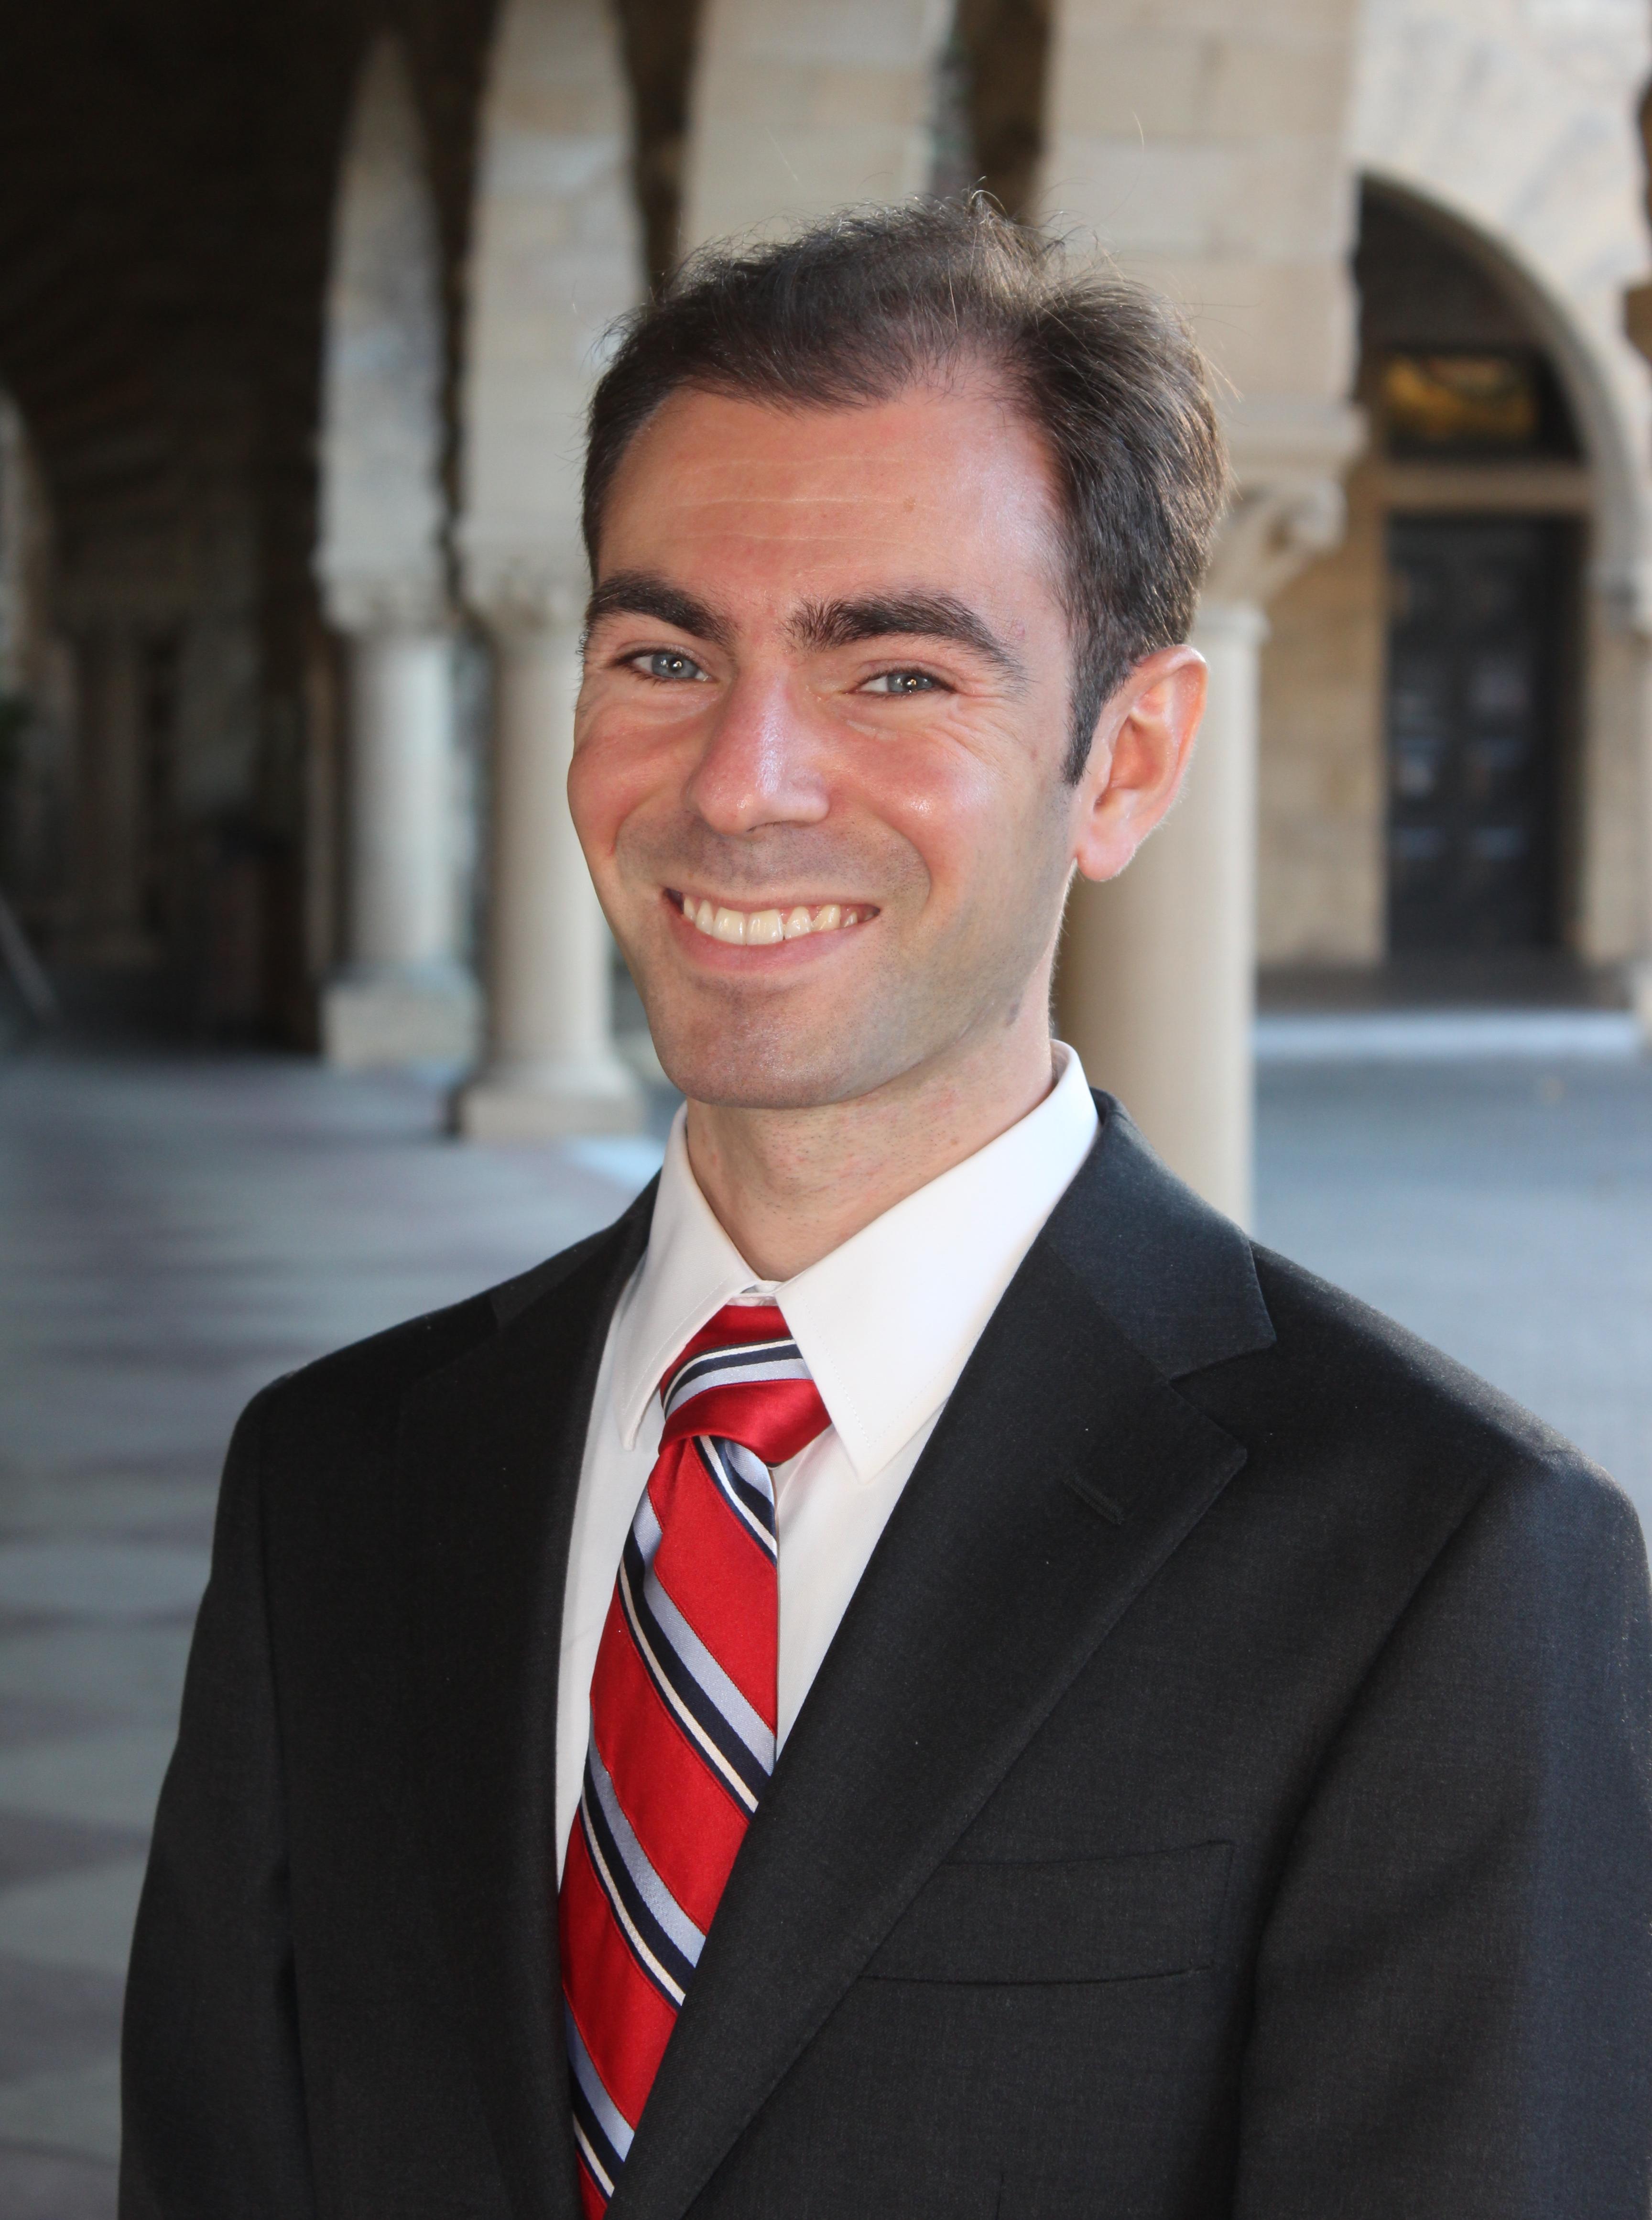 Headshot of Raviv Murciano-Goroff